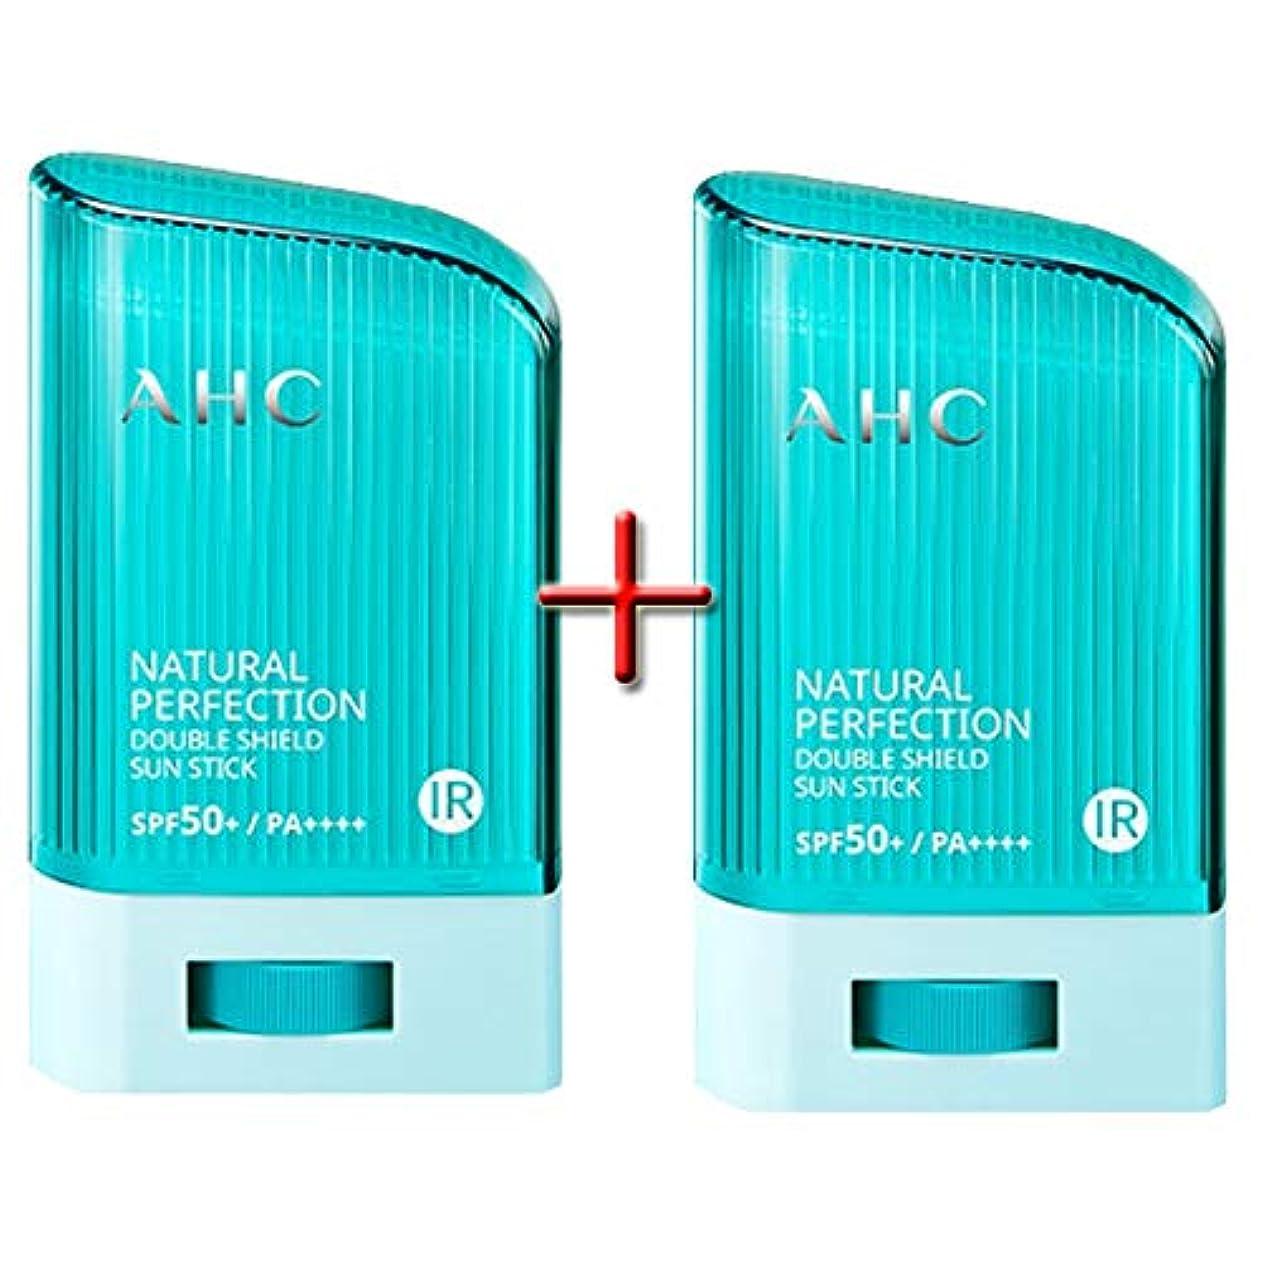 オペレーター気晴らし幻滅[ 1+1 ] AHC ナチュラルパーフェクションダブルシールドサンスティック 22g, Natural Perfection Double Shield Sun Stick SPF50+ PA++++